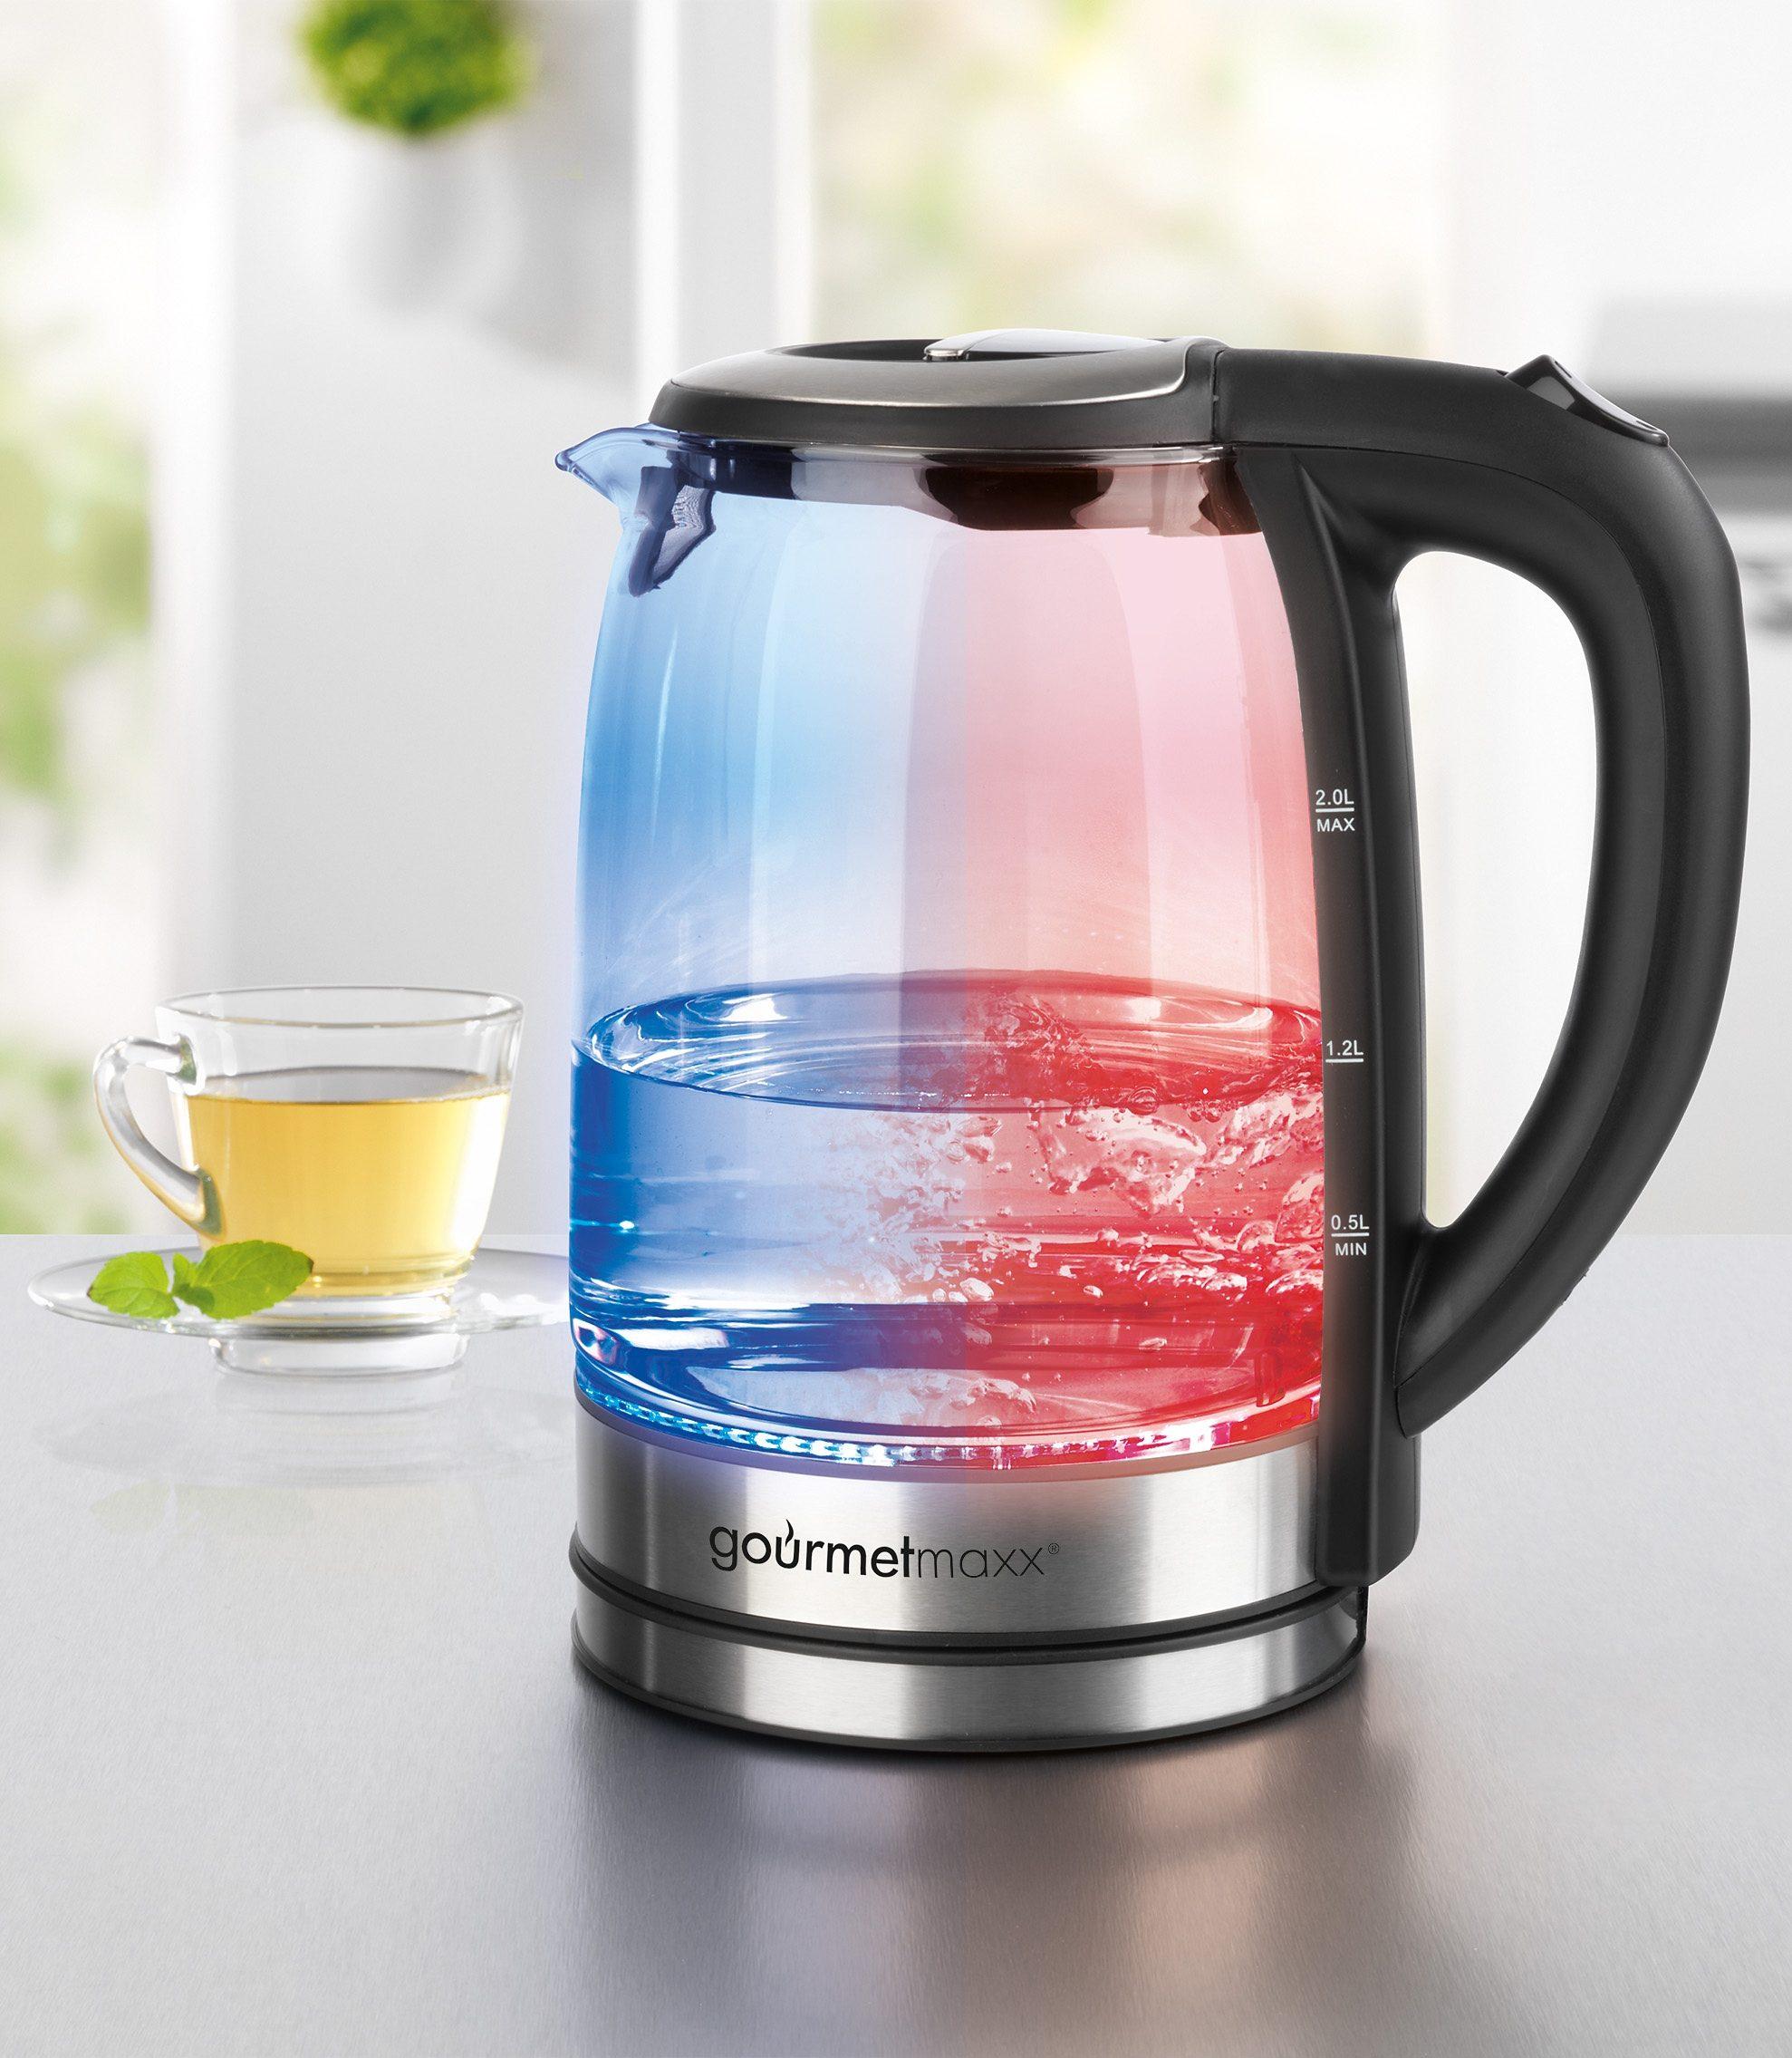 gourmetmaxx Glas-Wasserkocher mit LED-Farbwechsel, 2 Liter, 2200 Watt